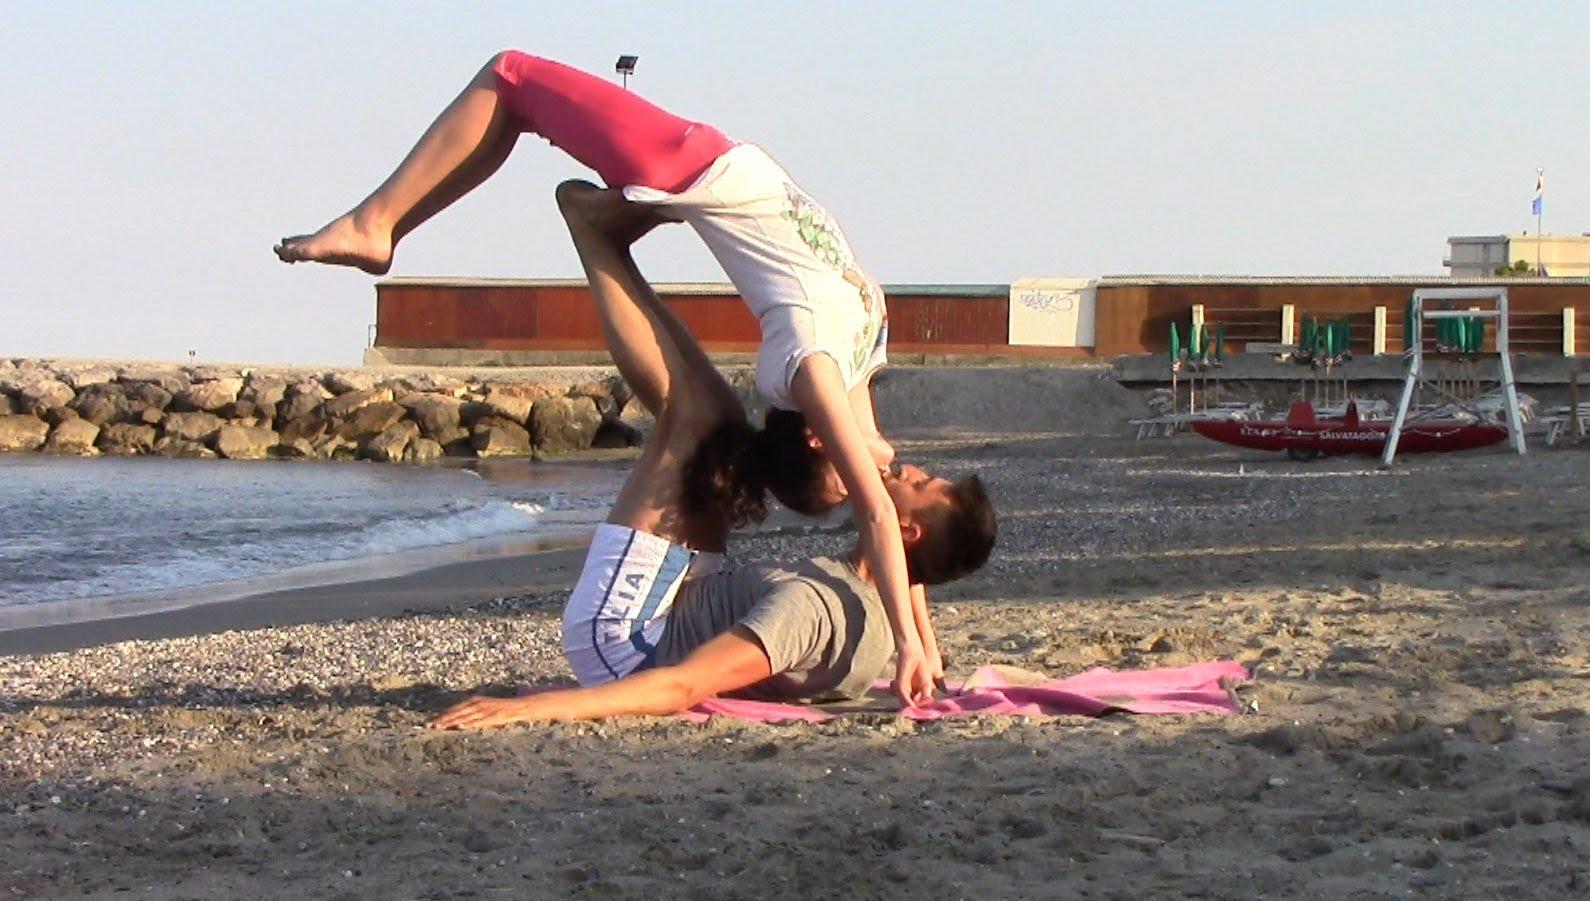 Favorito Posizioni Yoga in due: ecco le migliori - Consiglibenessere.org CQ08